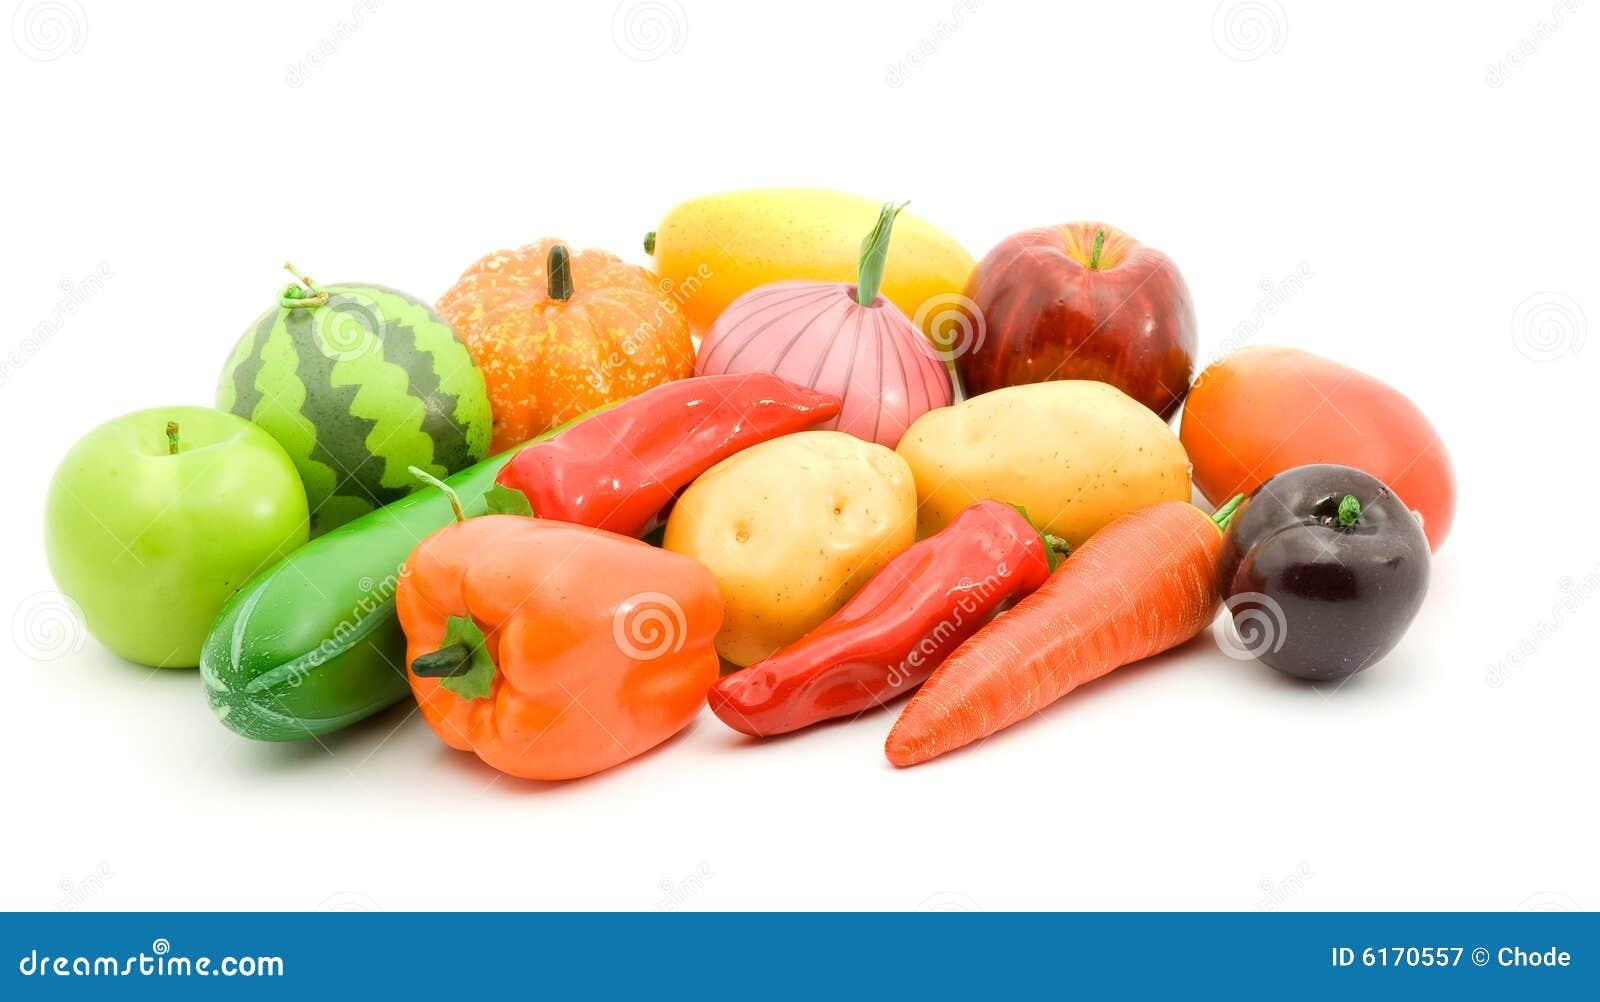 Nourriture saine photographie stock libre de droits for Photographie de stock